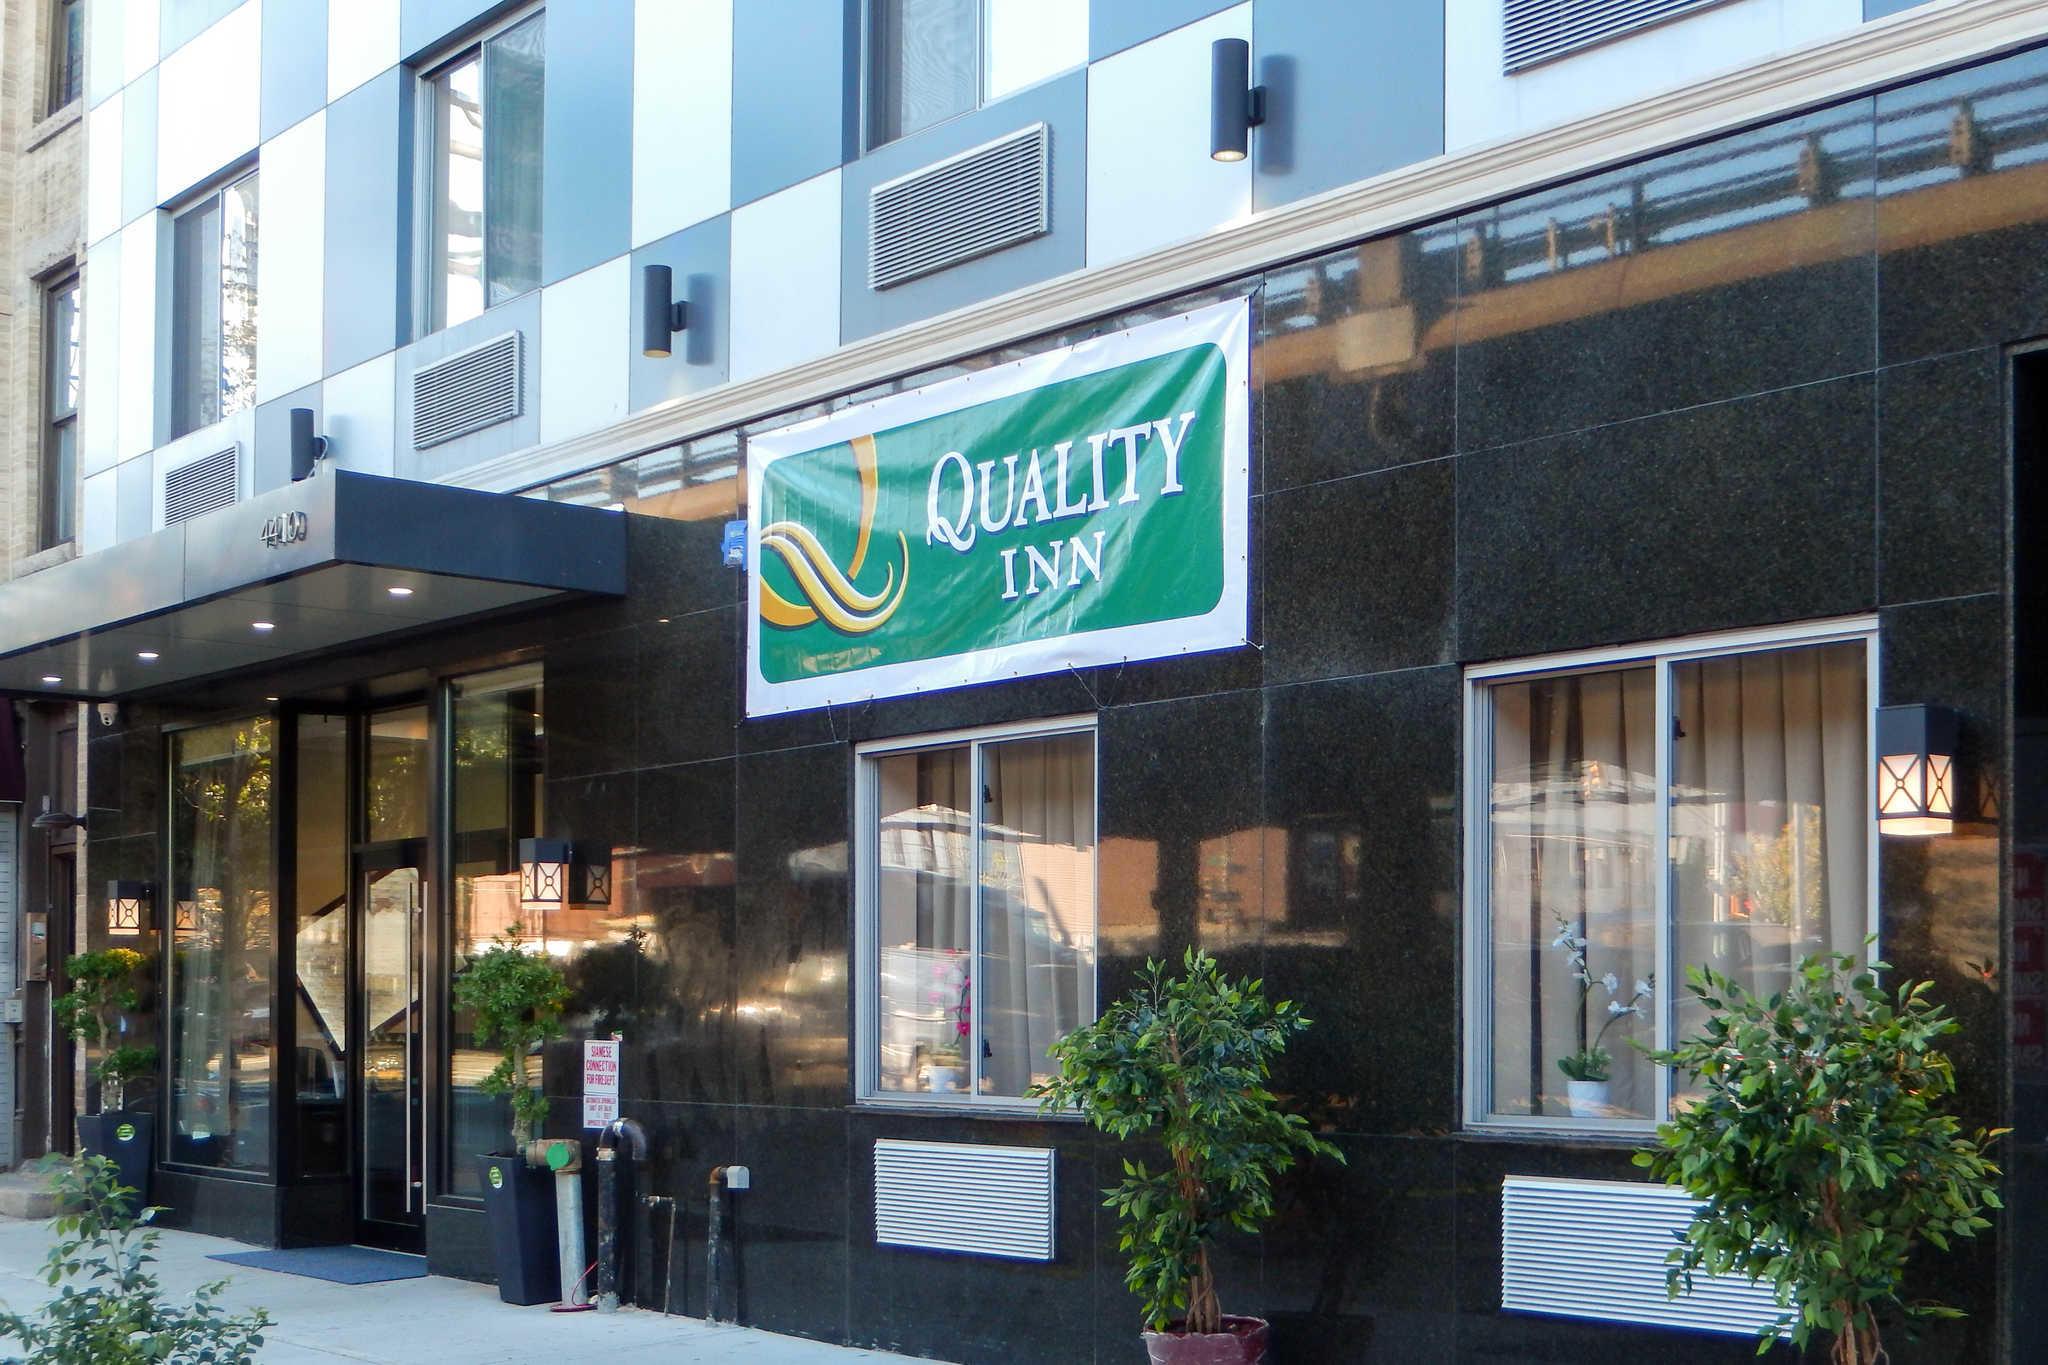 Quality Inn Nyc